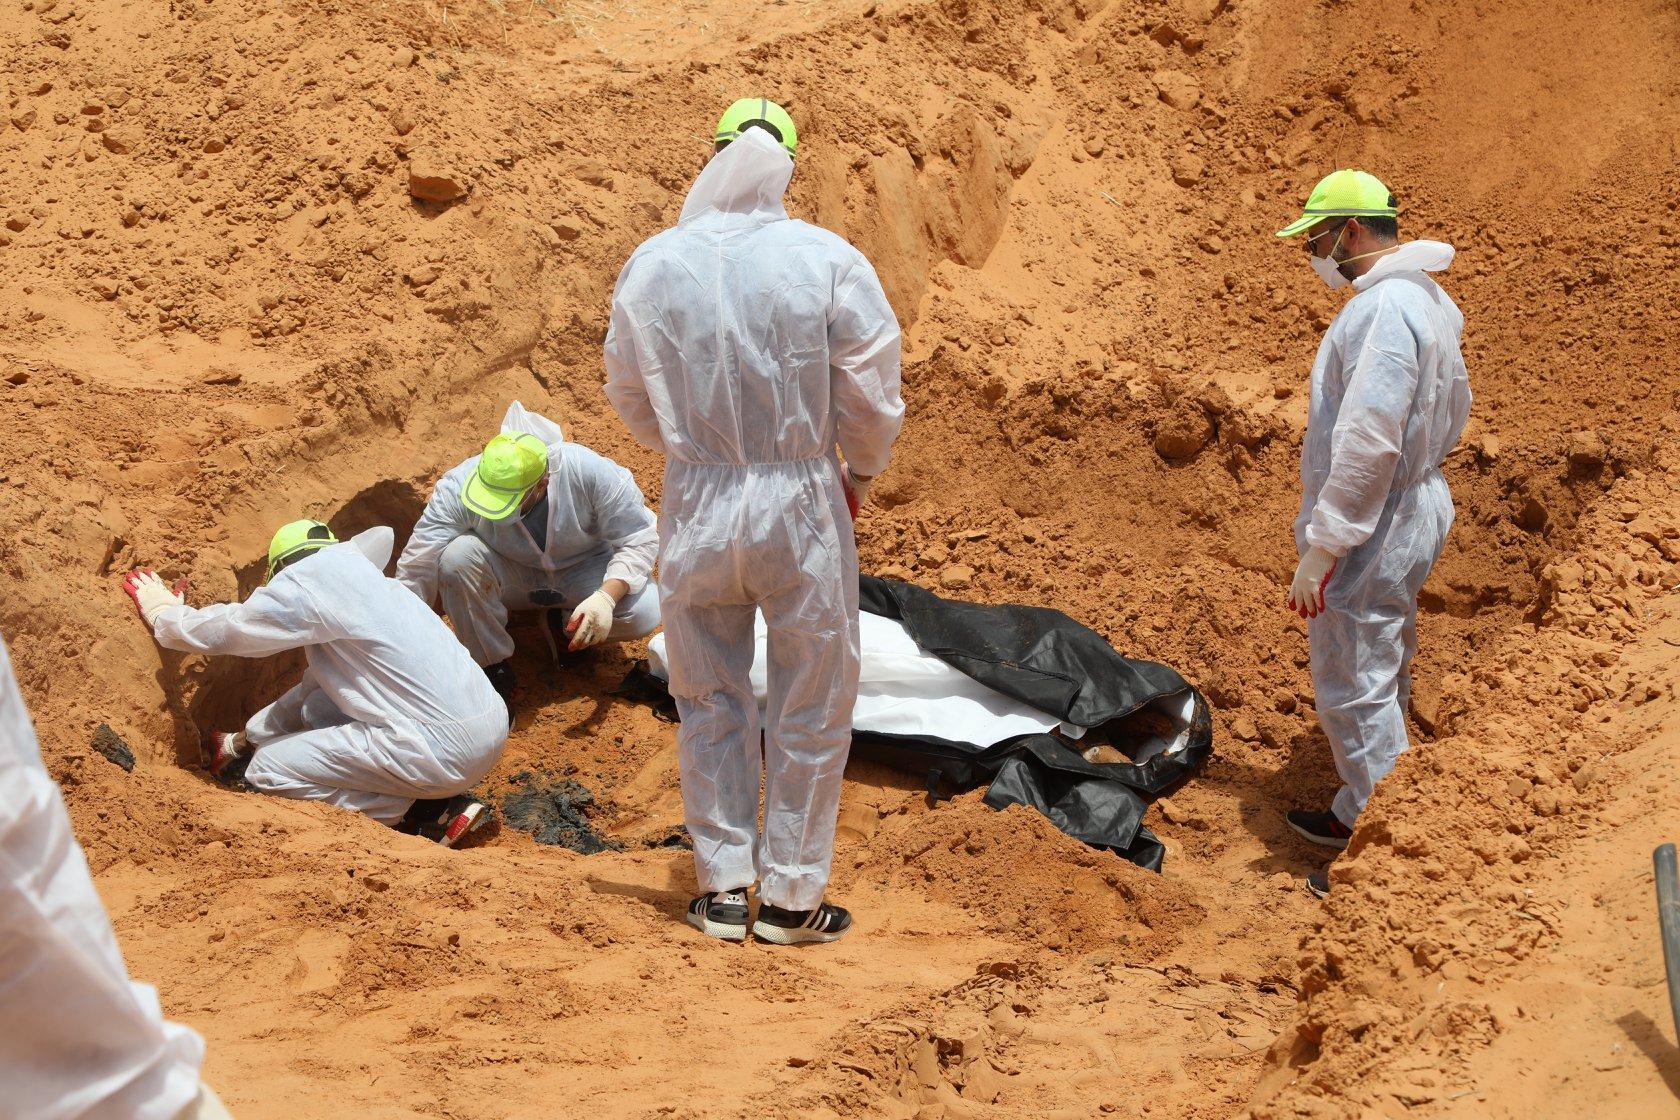 البعثة الأممية تصف المقابر الجماعية في ترهونة بـ«المروّعة جداً» وتُطالب  بالتحقيق